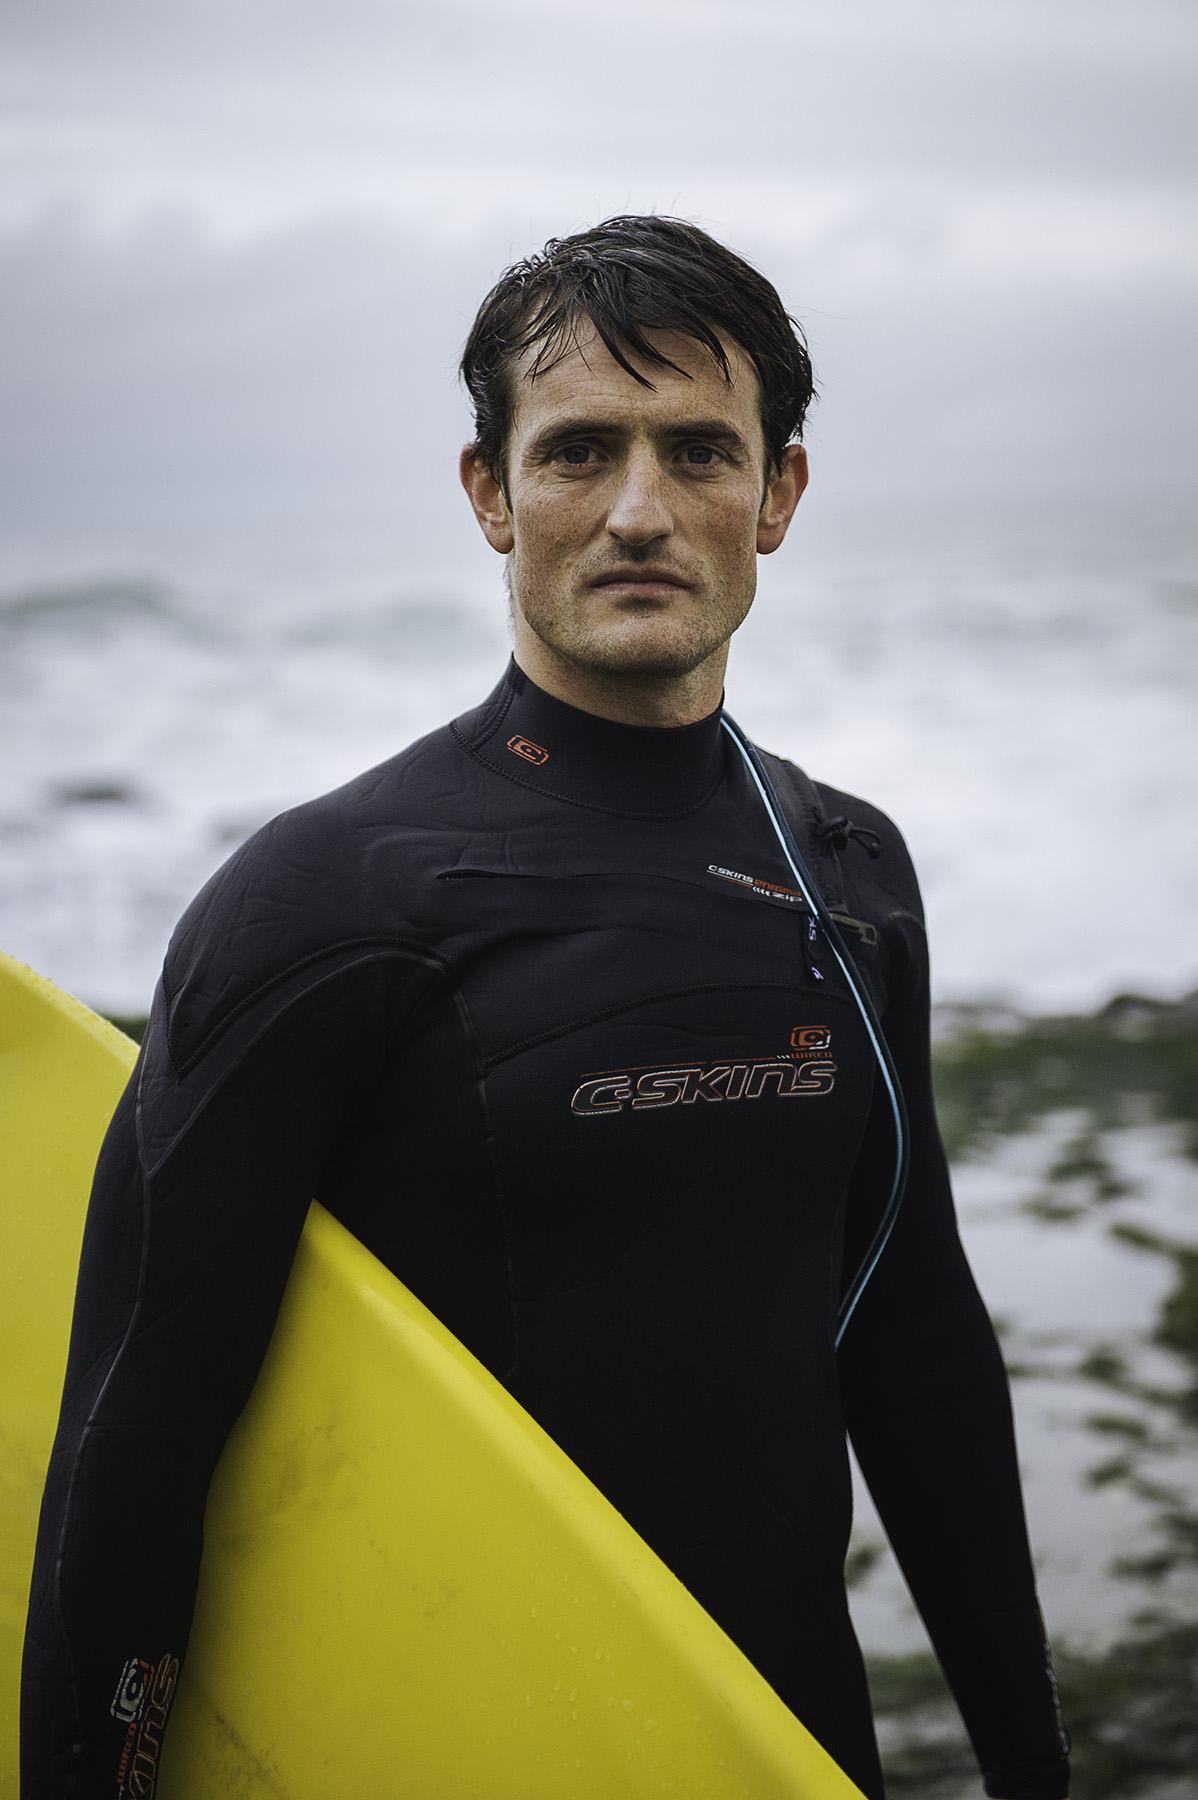 winter-surfing-ireland-sport-adventure-06.jpg